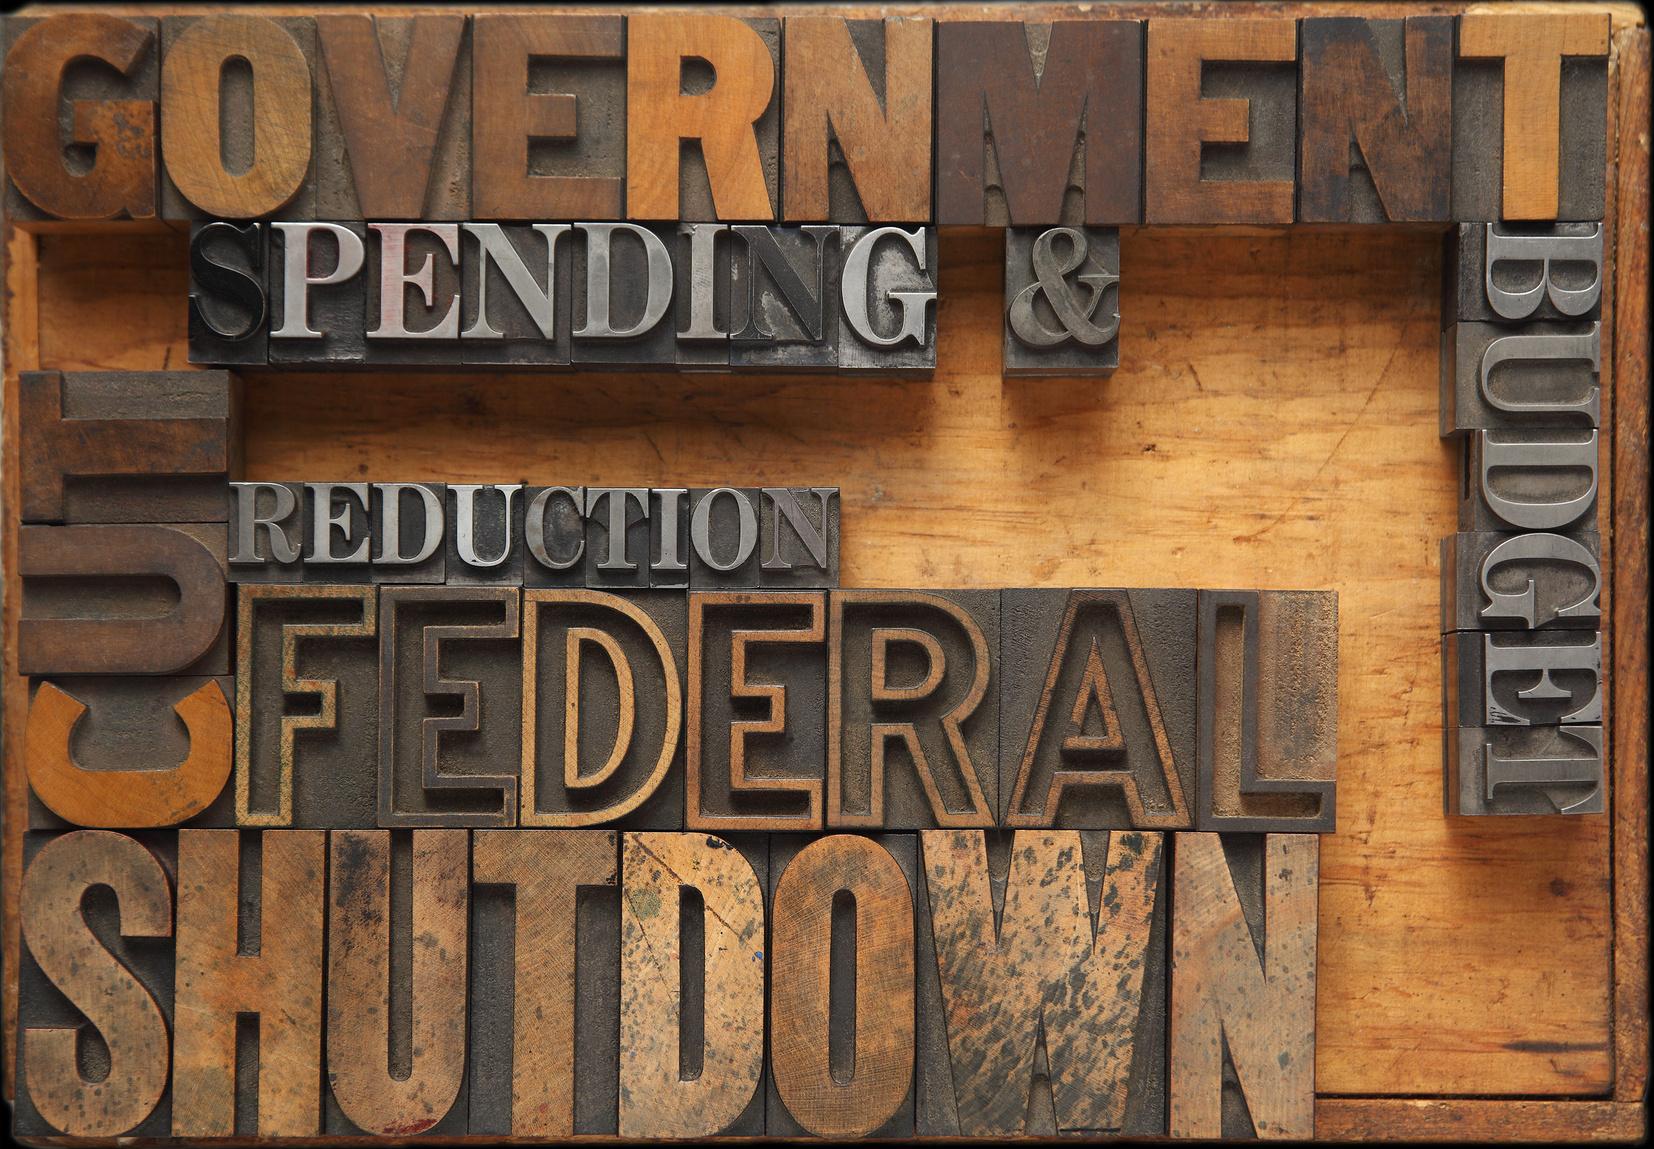 governmentshutdown.jpg